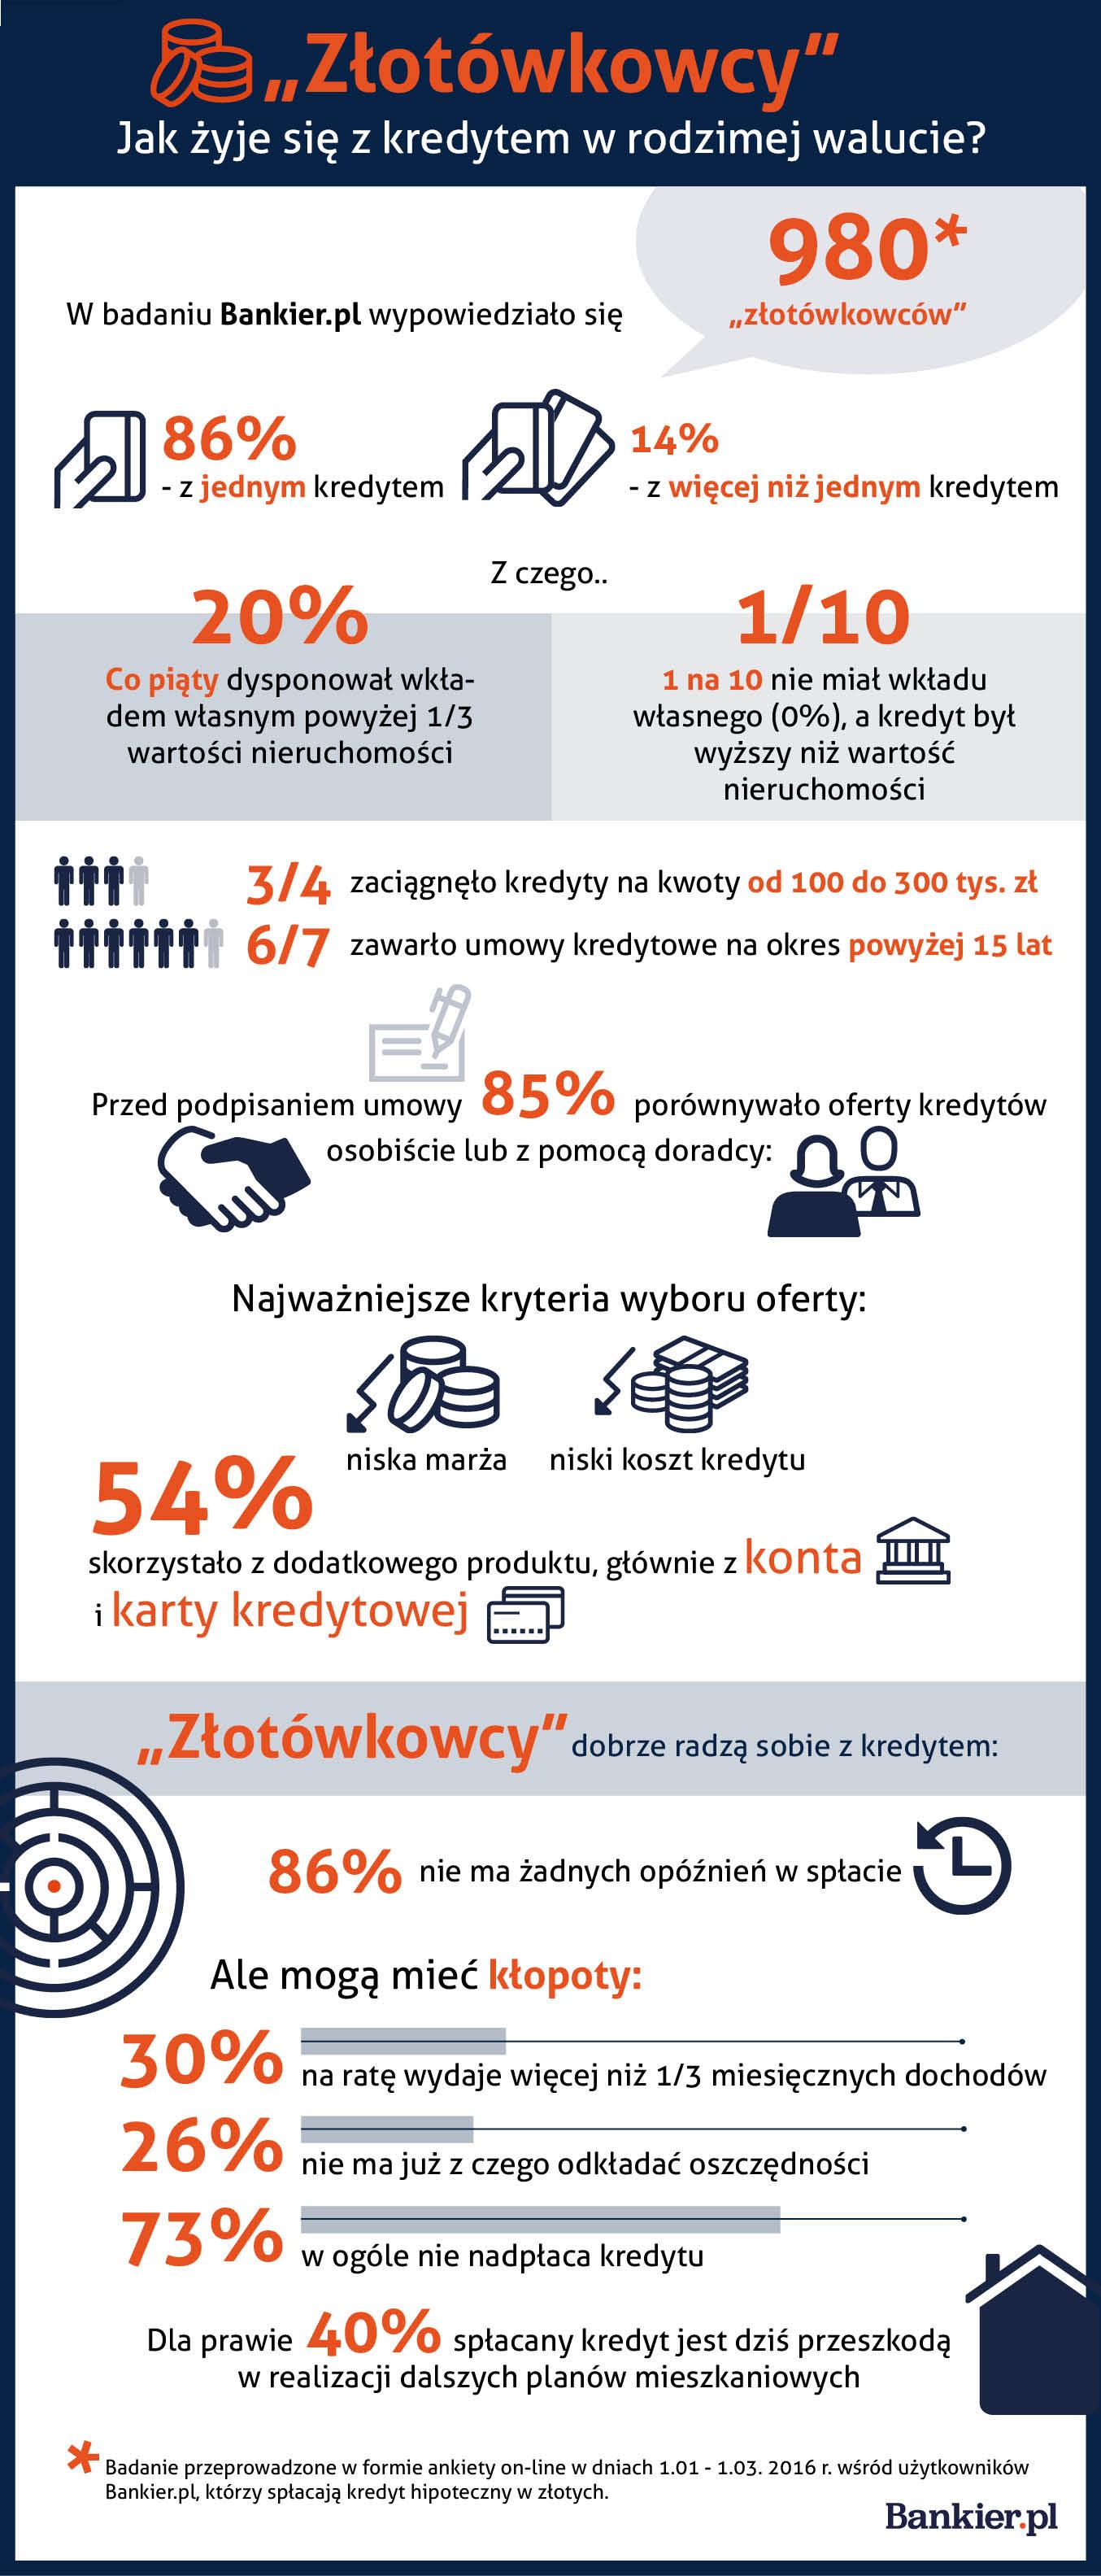 praca w banku - infografika